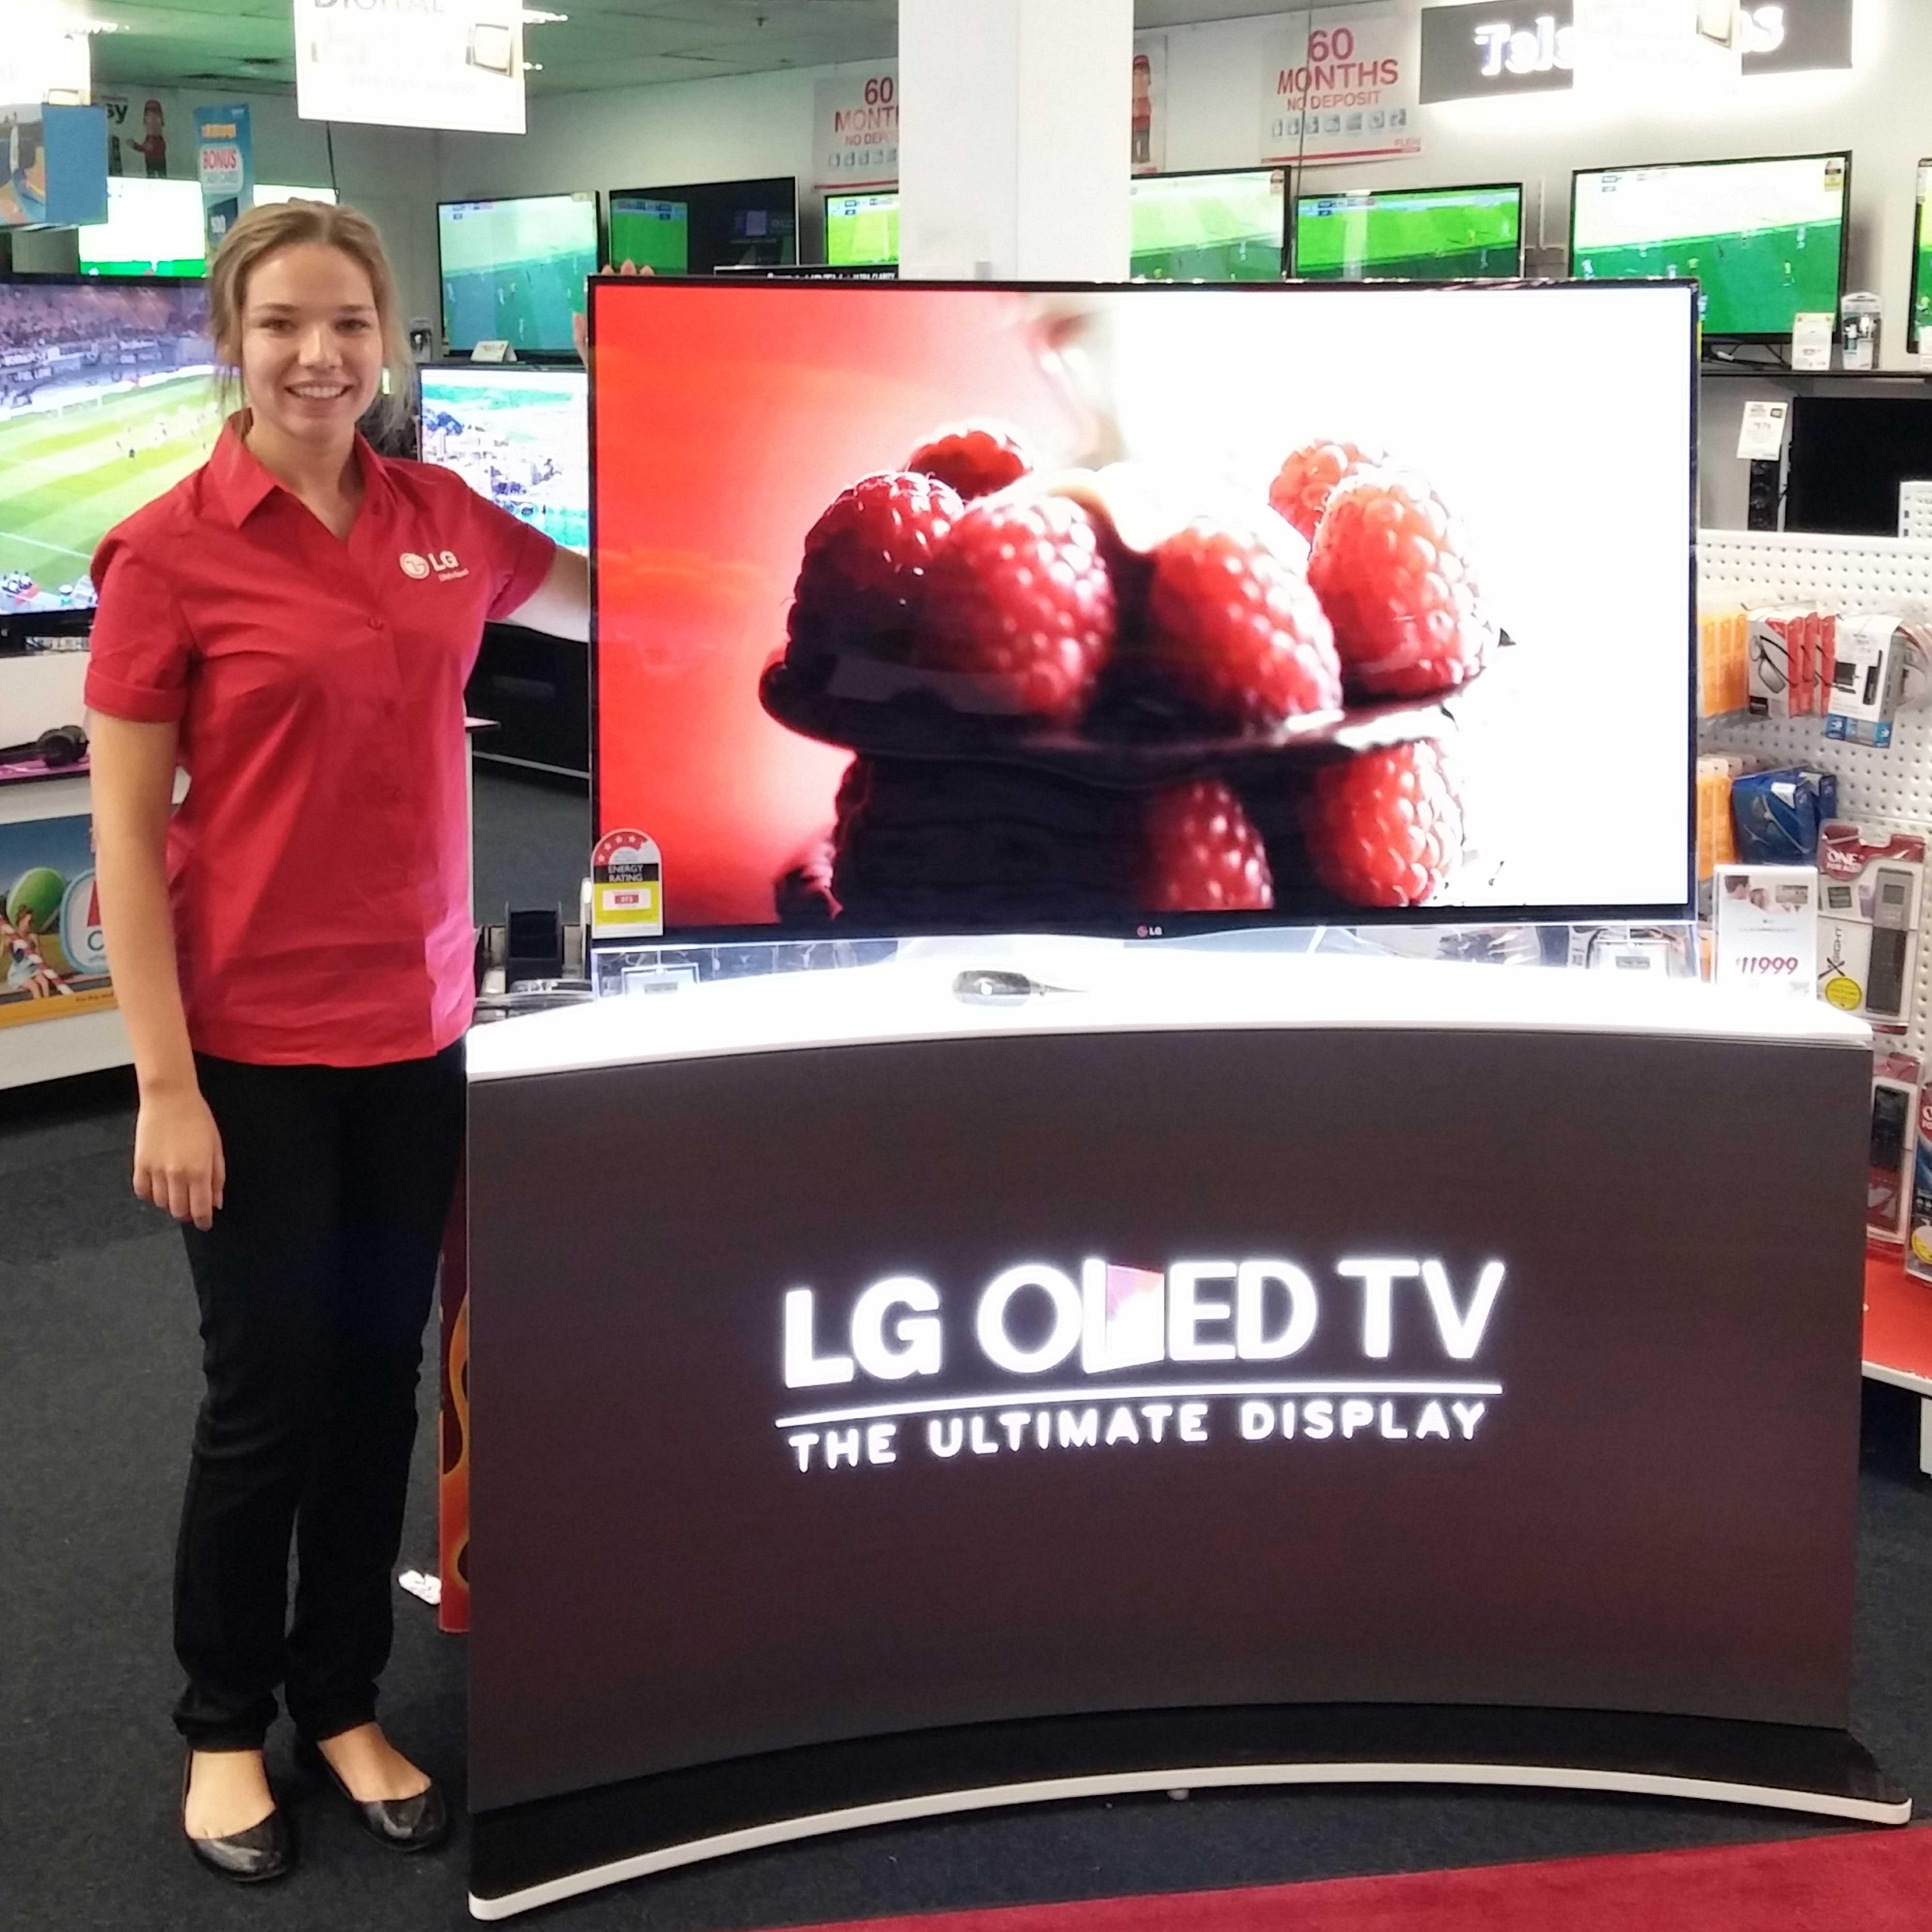 LG 'OLED' TVs